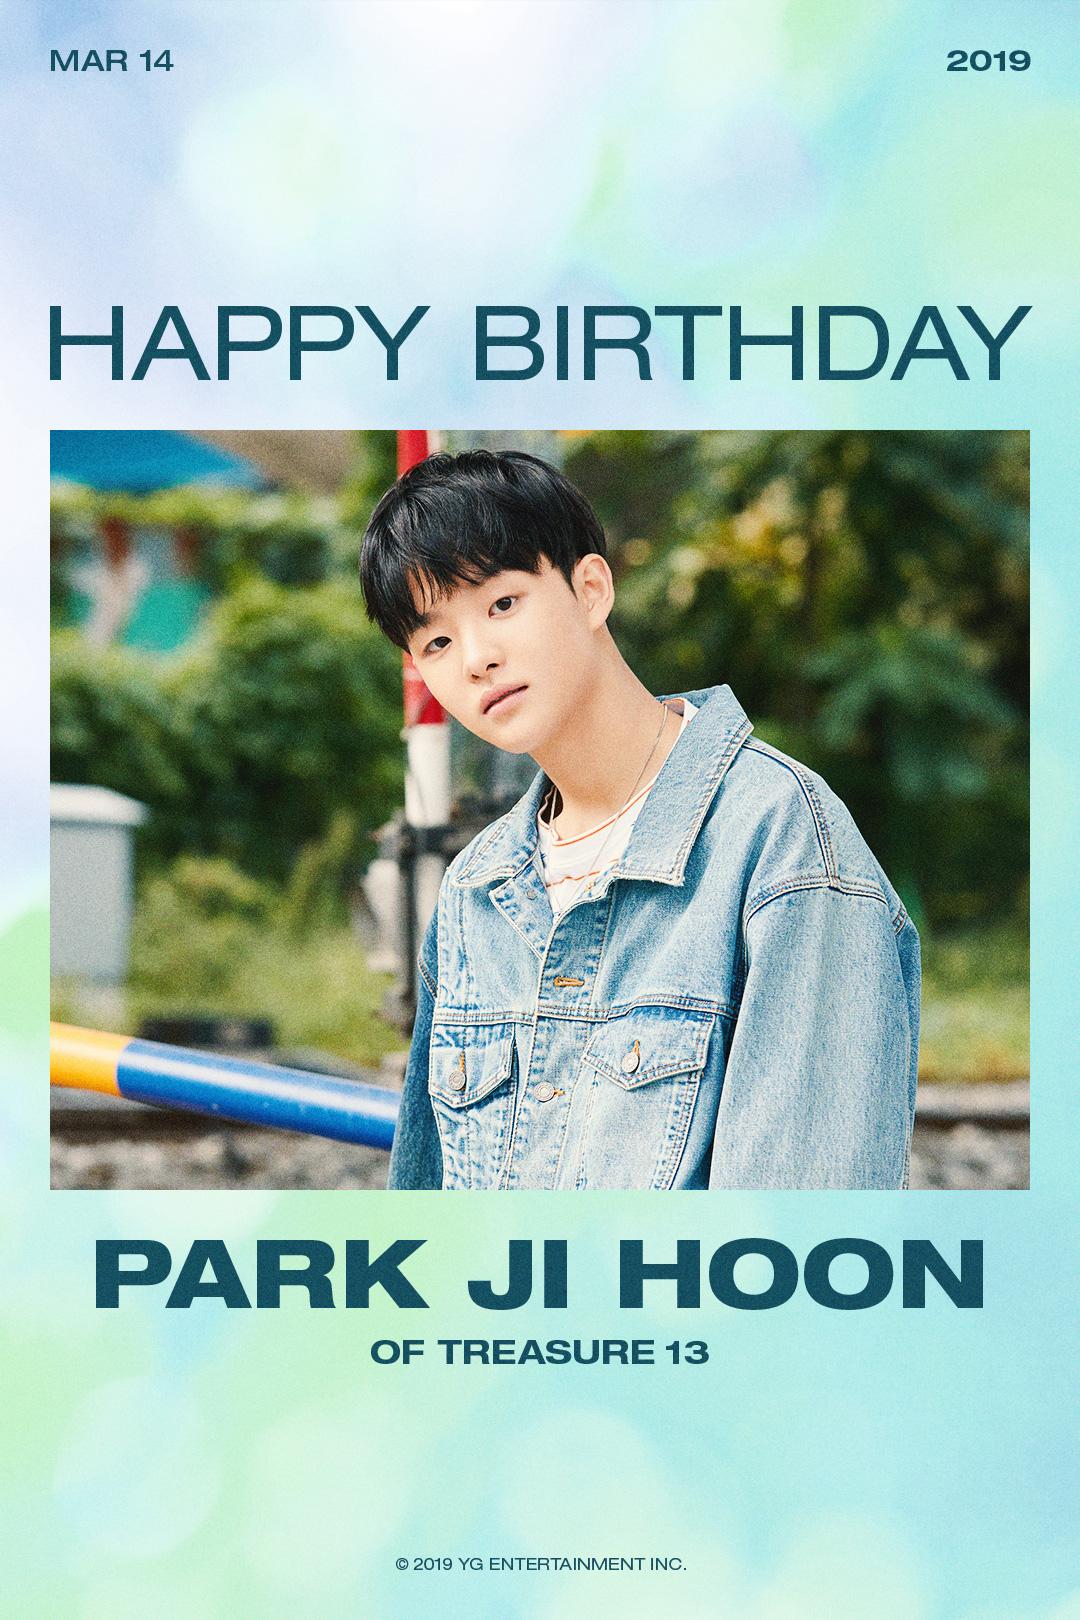 HBD-PARK-JI-HOON